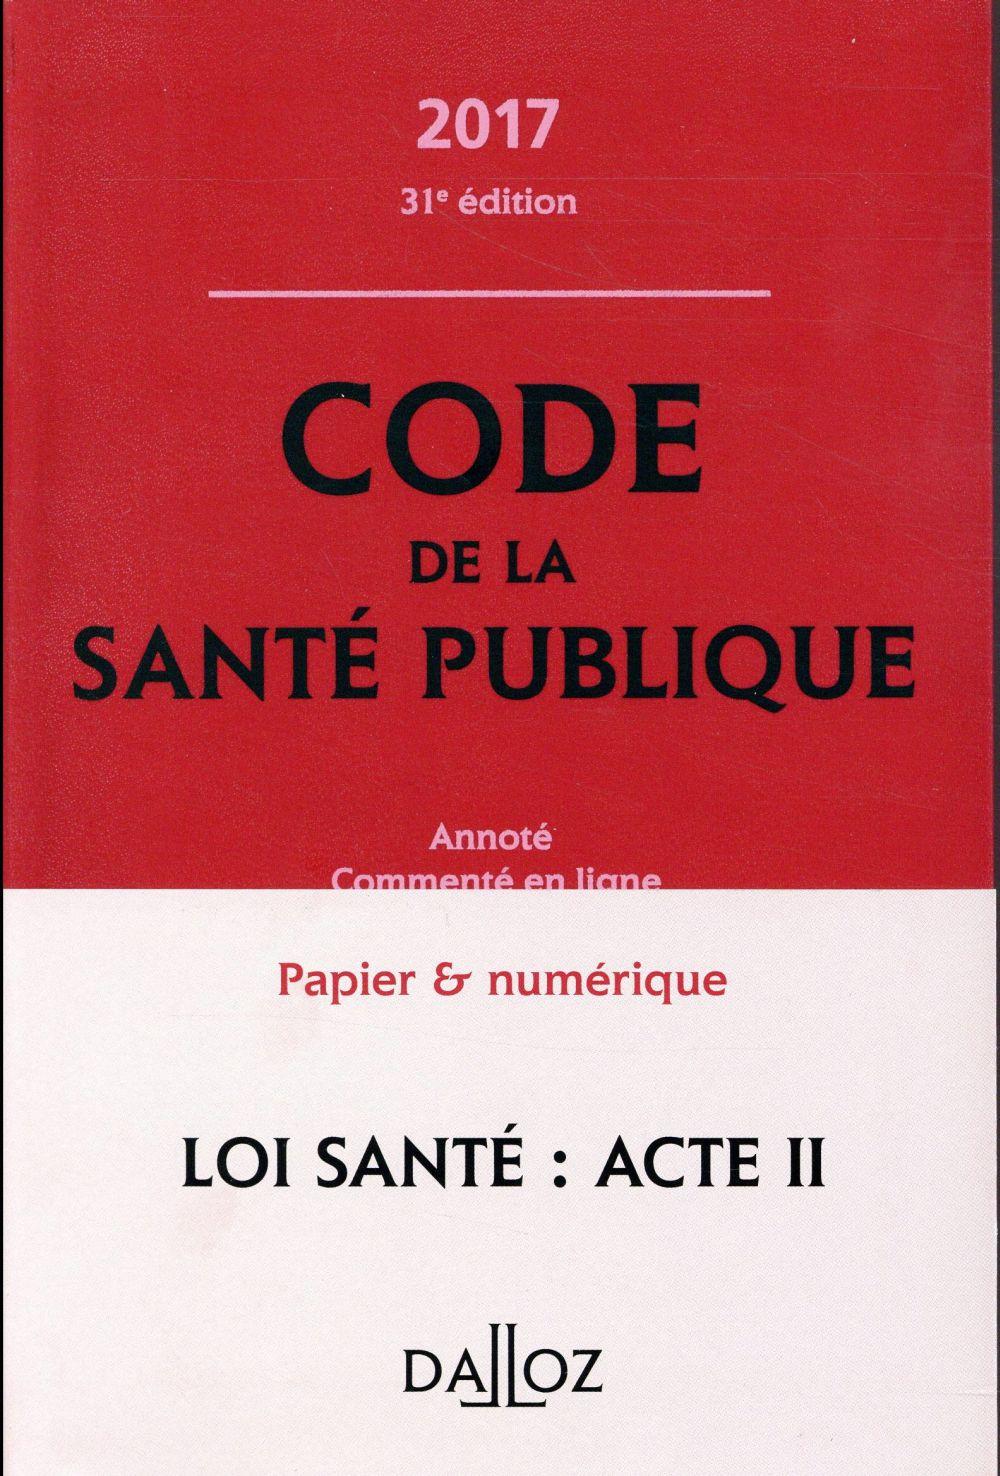 Code de la santé publique ; annoté et commenté en ligne (édition 2017)